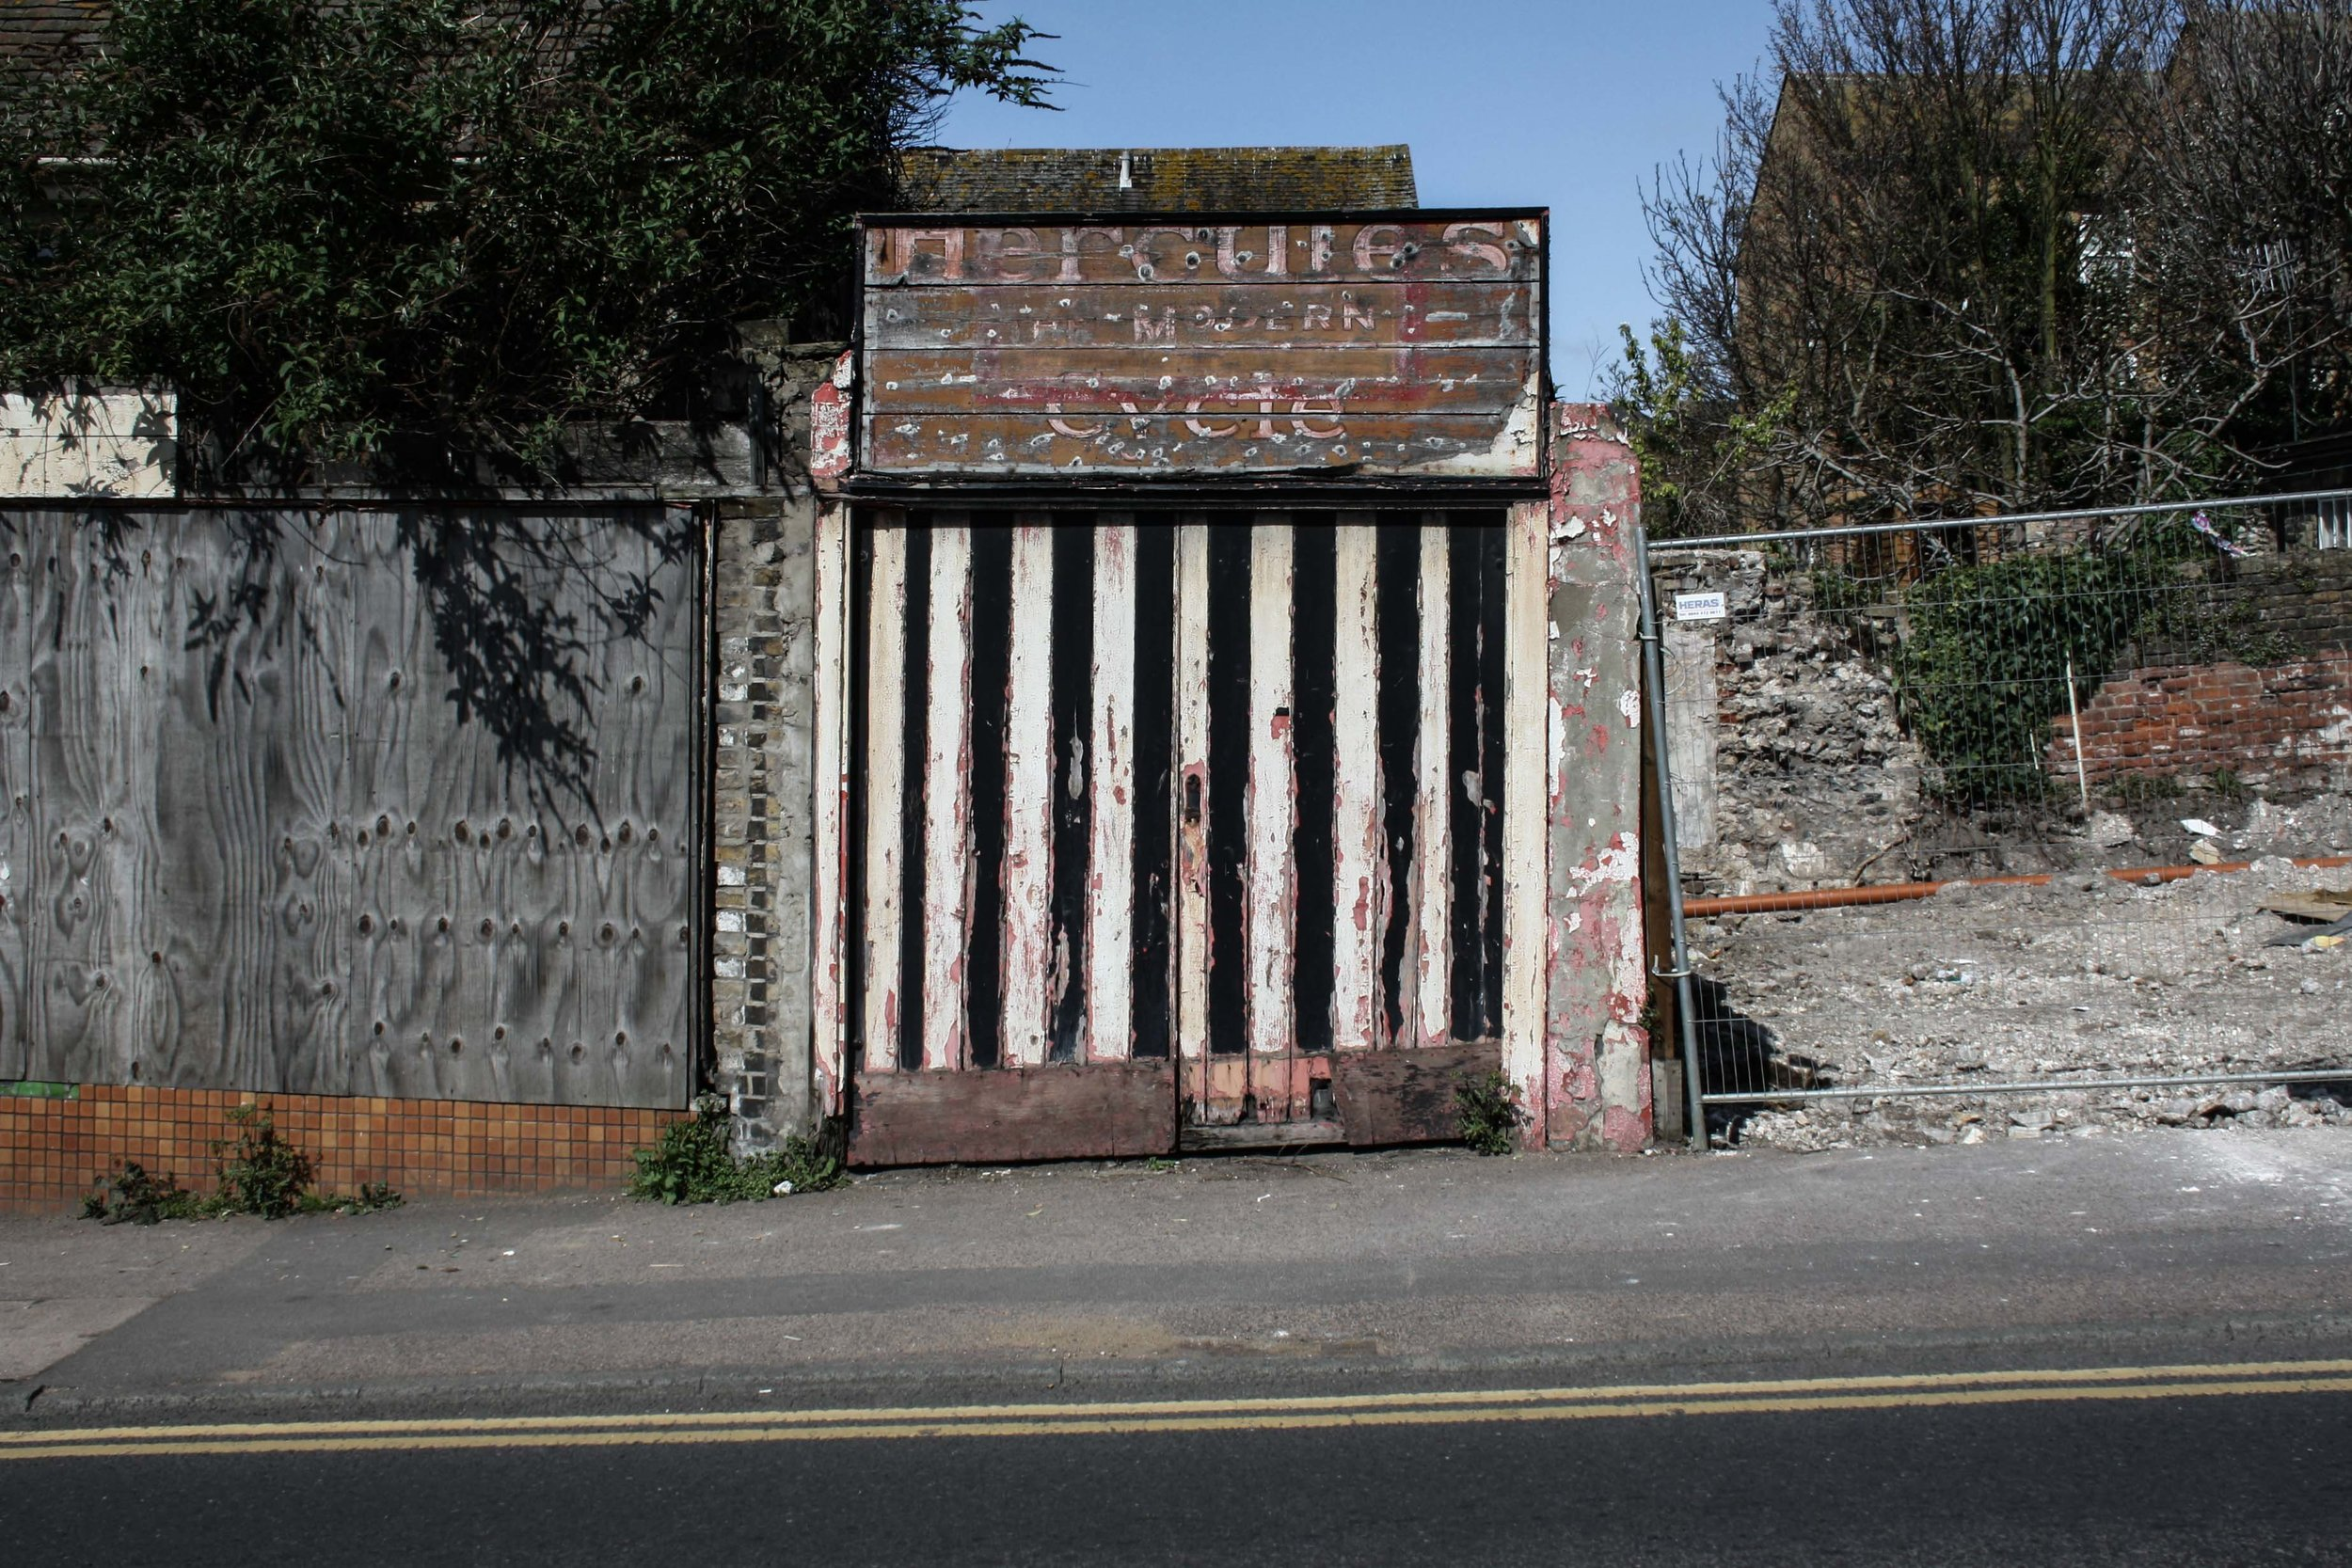 Hawley_Street_Margate-7.jpg